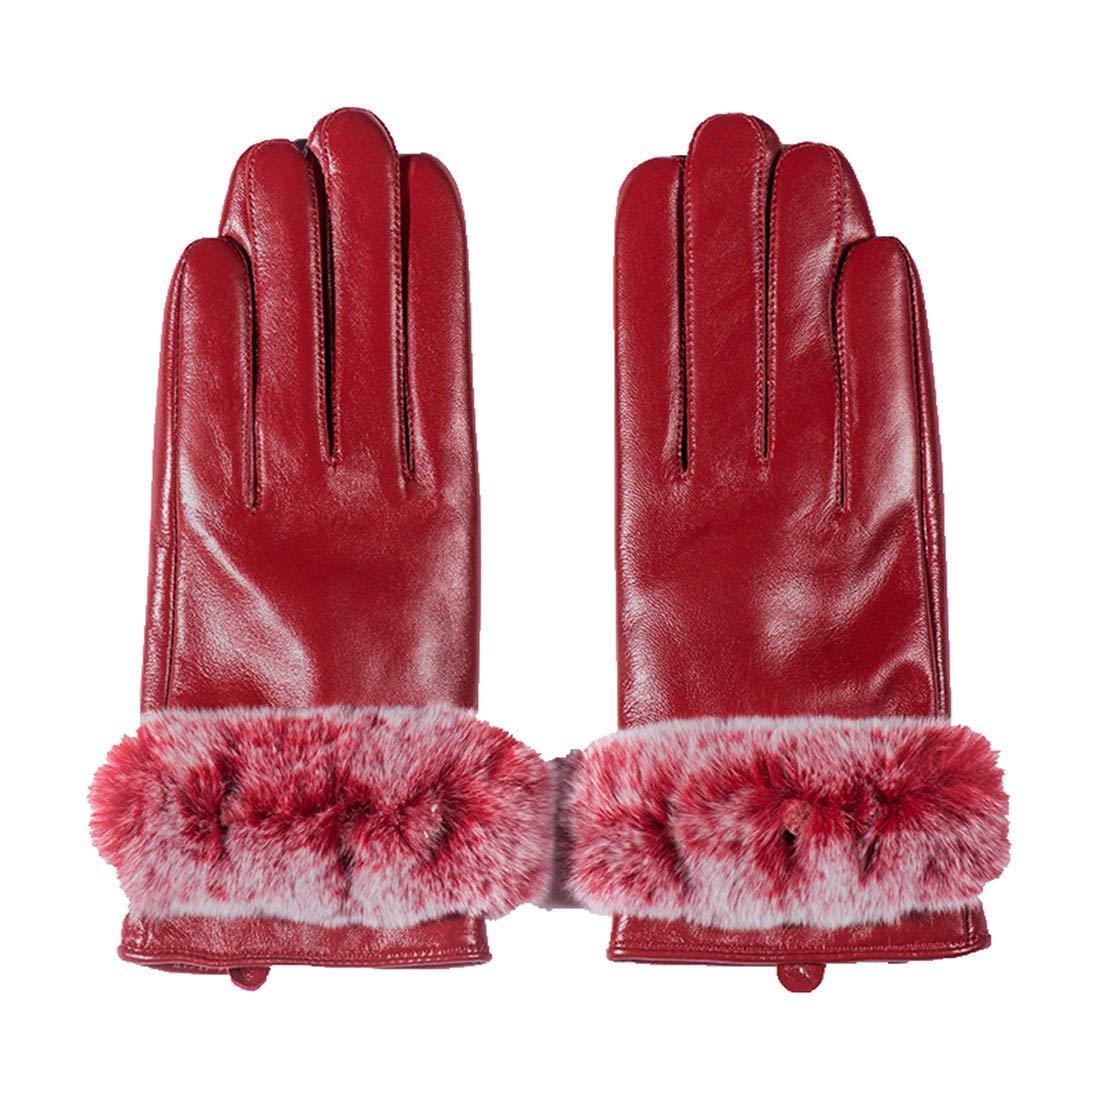 BYMHH Lederhandschuhe Herbst und Winter Schaffell Handschuhe, rot, XL